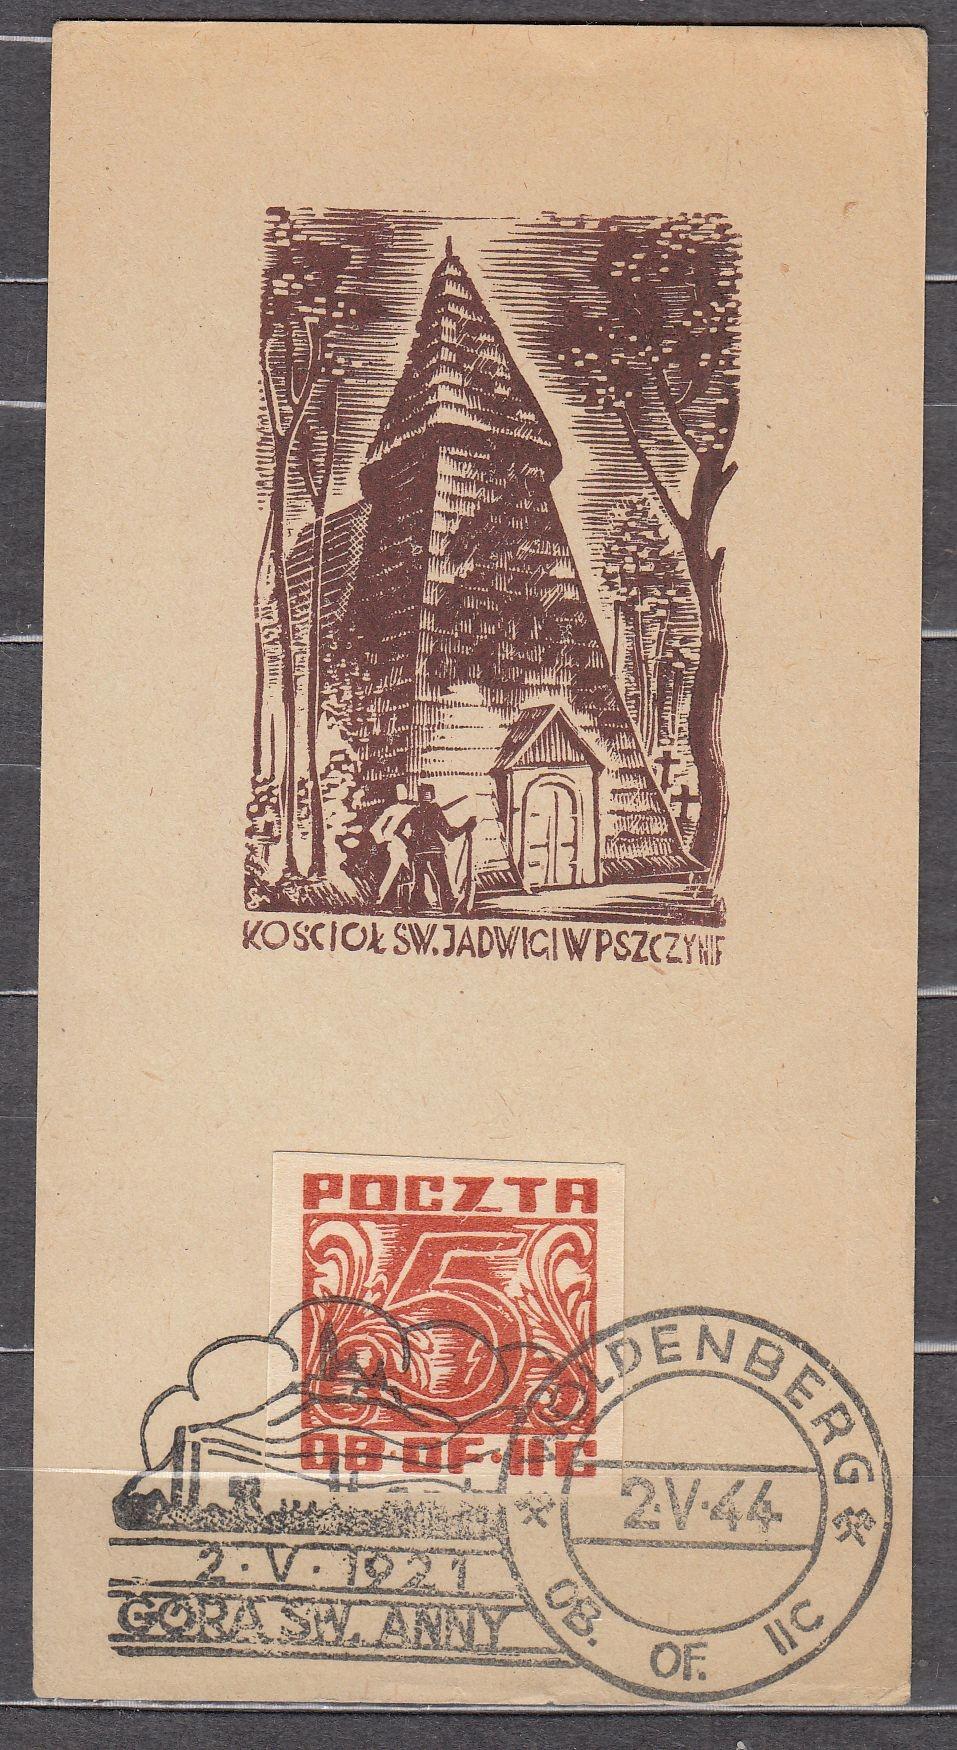 Woldenberg Pocztówka Fi 36 1944 W1